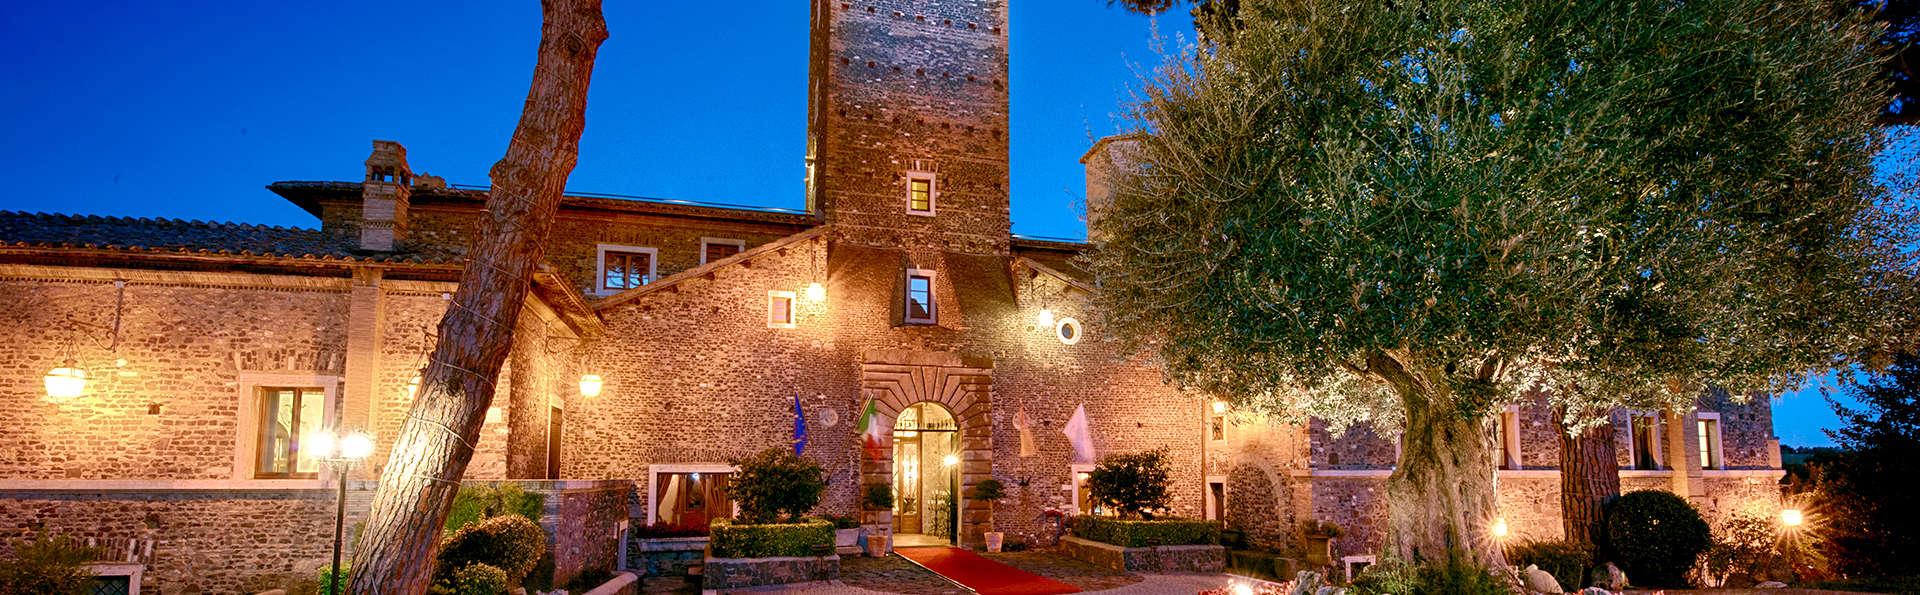 Castello della Castelluccia - Edit_Front.jpg